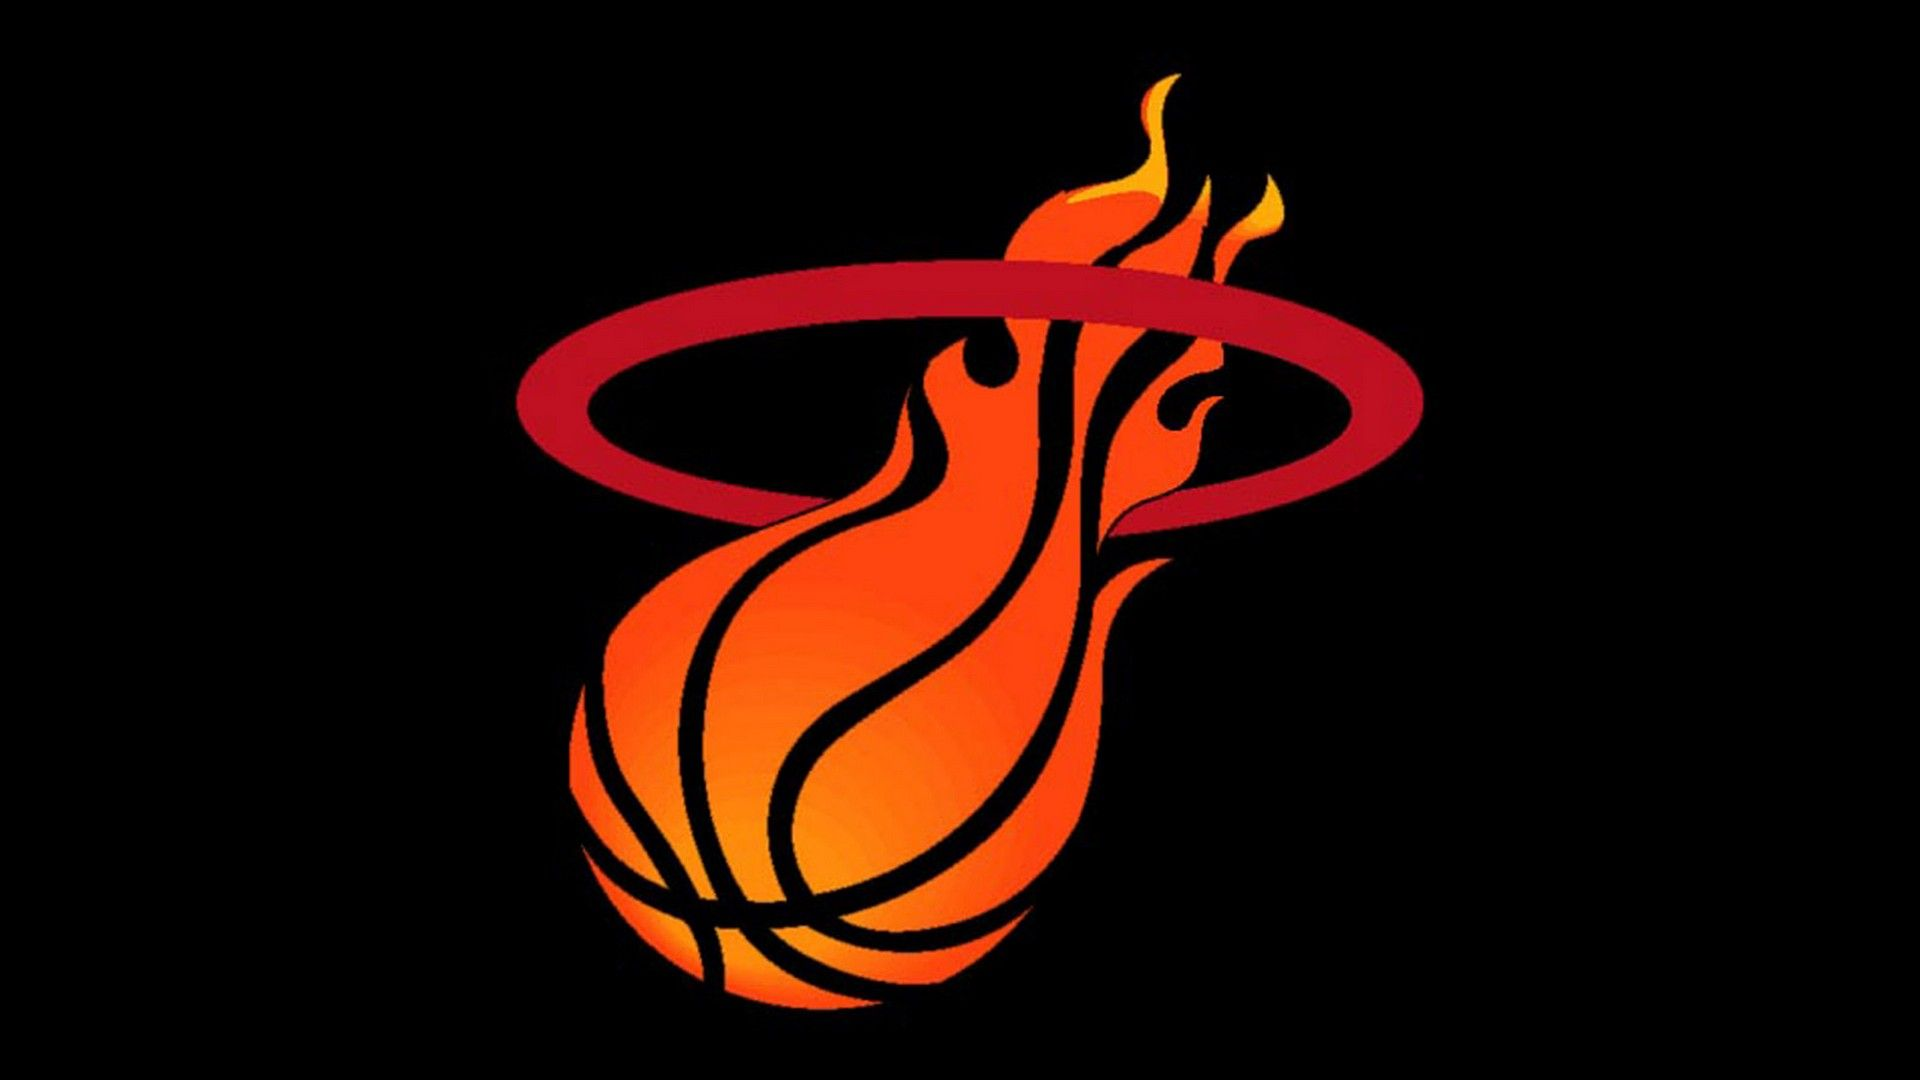 Basketball Wallpaper Best Basketball Wallpapers 2020 Miami Heat Miami Heat Logo Basketball Wallpaper